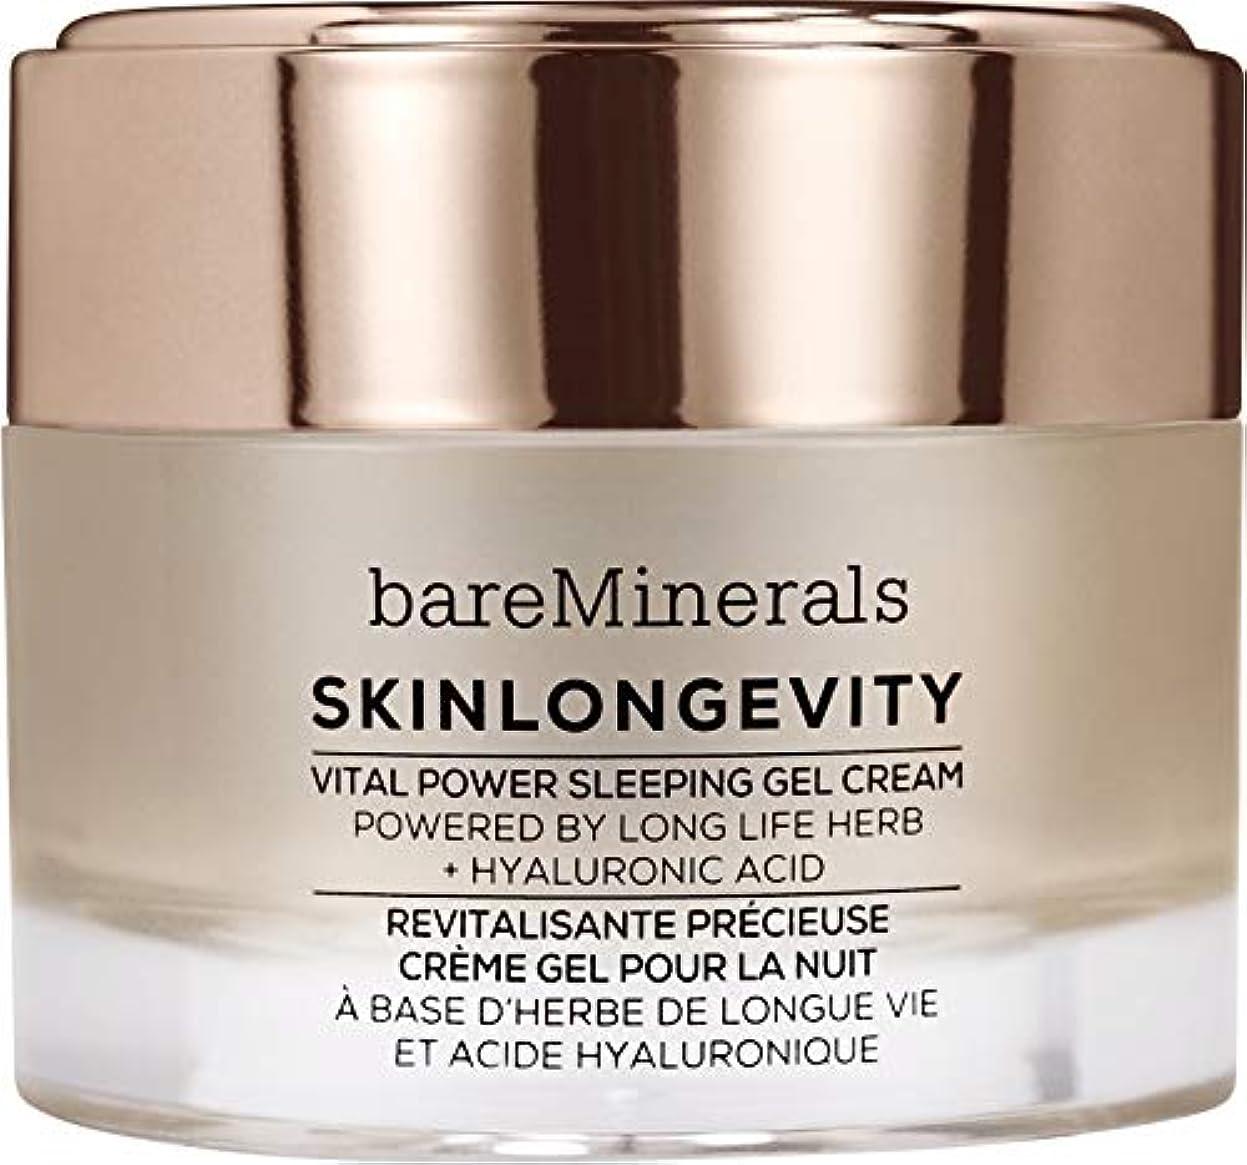 並外れたバーガーハンバーガーベアミネラル Skinlongevity Vital Power Sleeping Gel Cream 50g/1.7oz並行輸入品